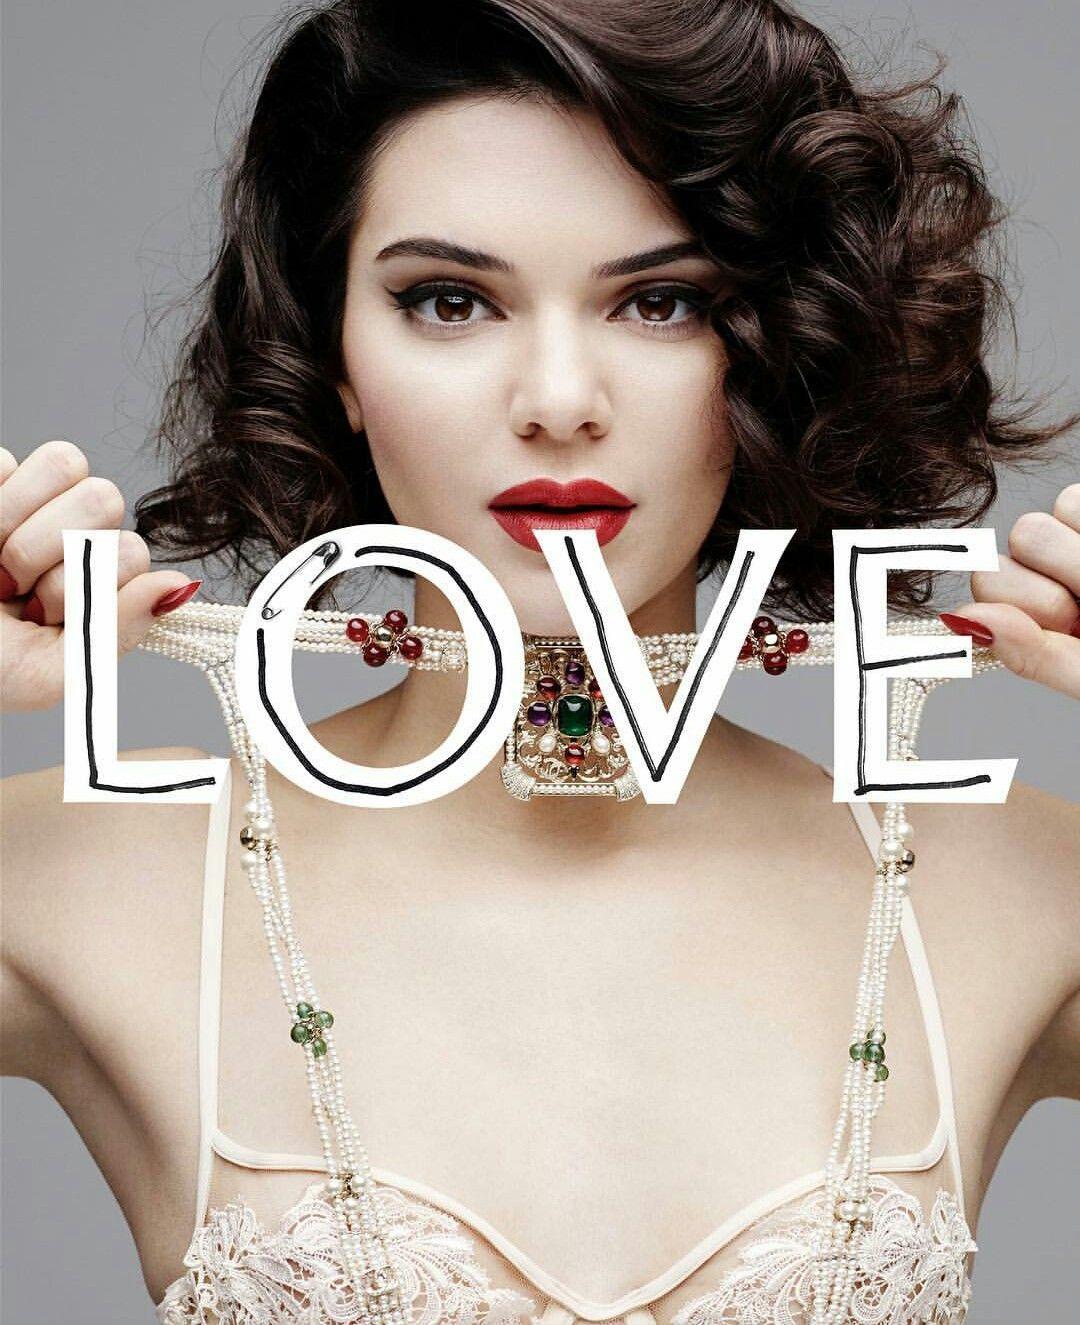 25ee5205d9 Mi Amor, Moda De Kendall Jenner, Kylie Jenner, Retratos De Moda, Arte De La  Moda, Trajes De Celebridades, Jenners